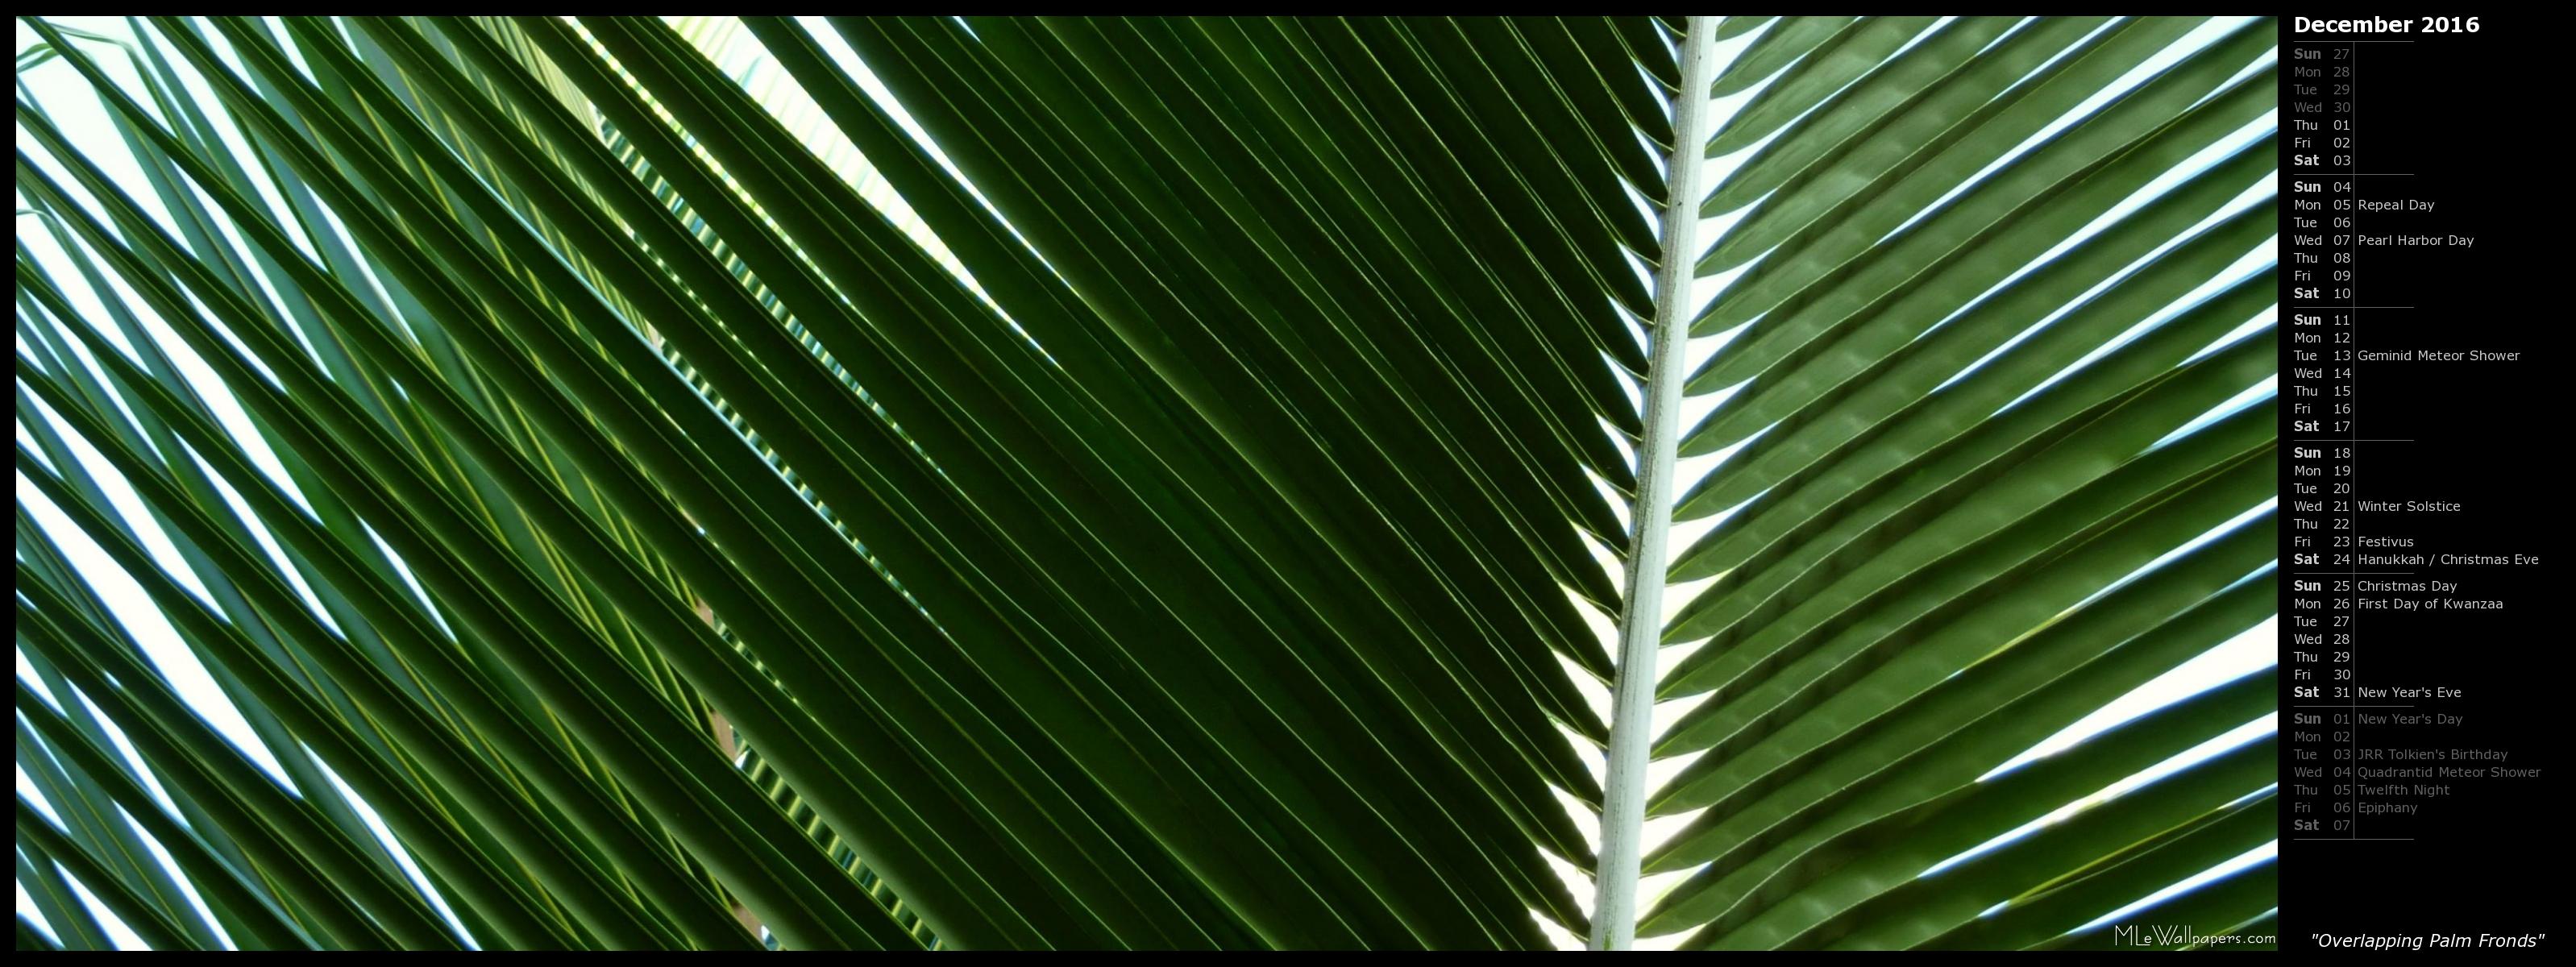 MLeWallpaperscom   Overlapping Palm Fronds Calendar 3196x1200